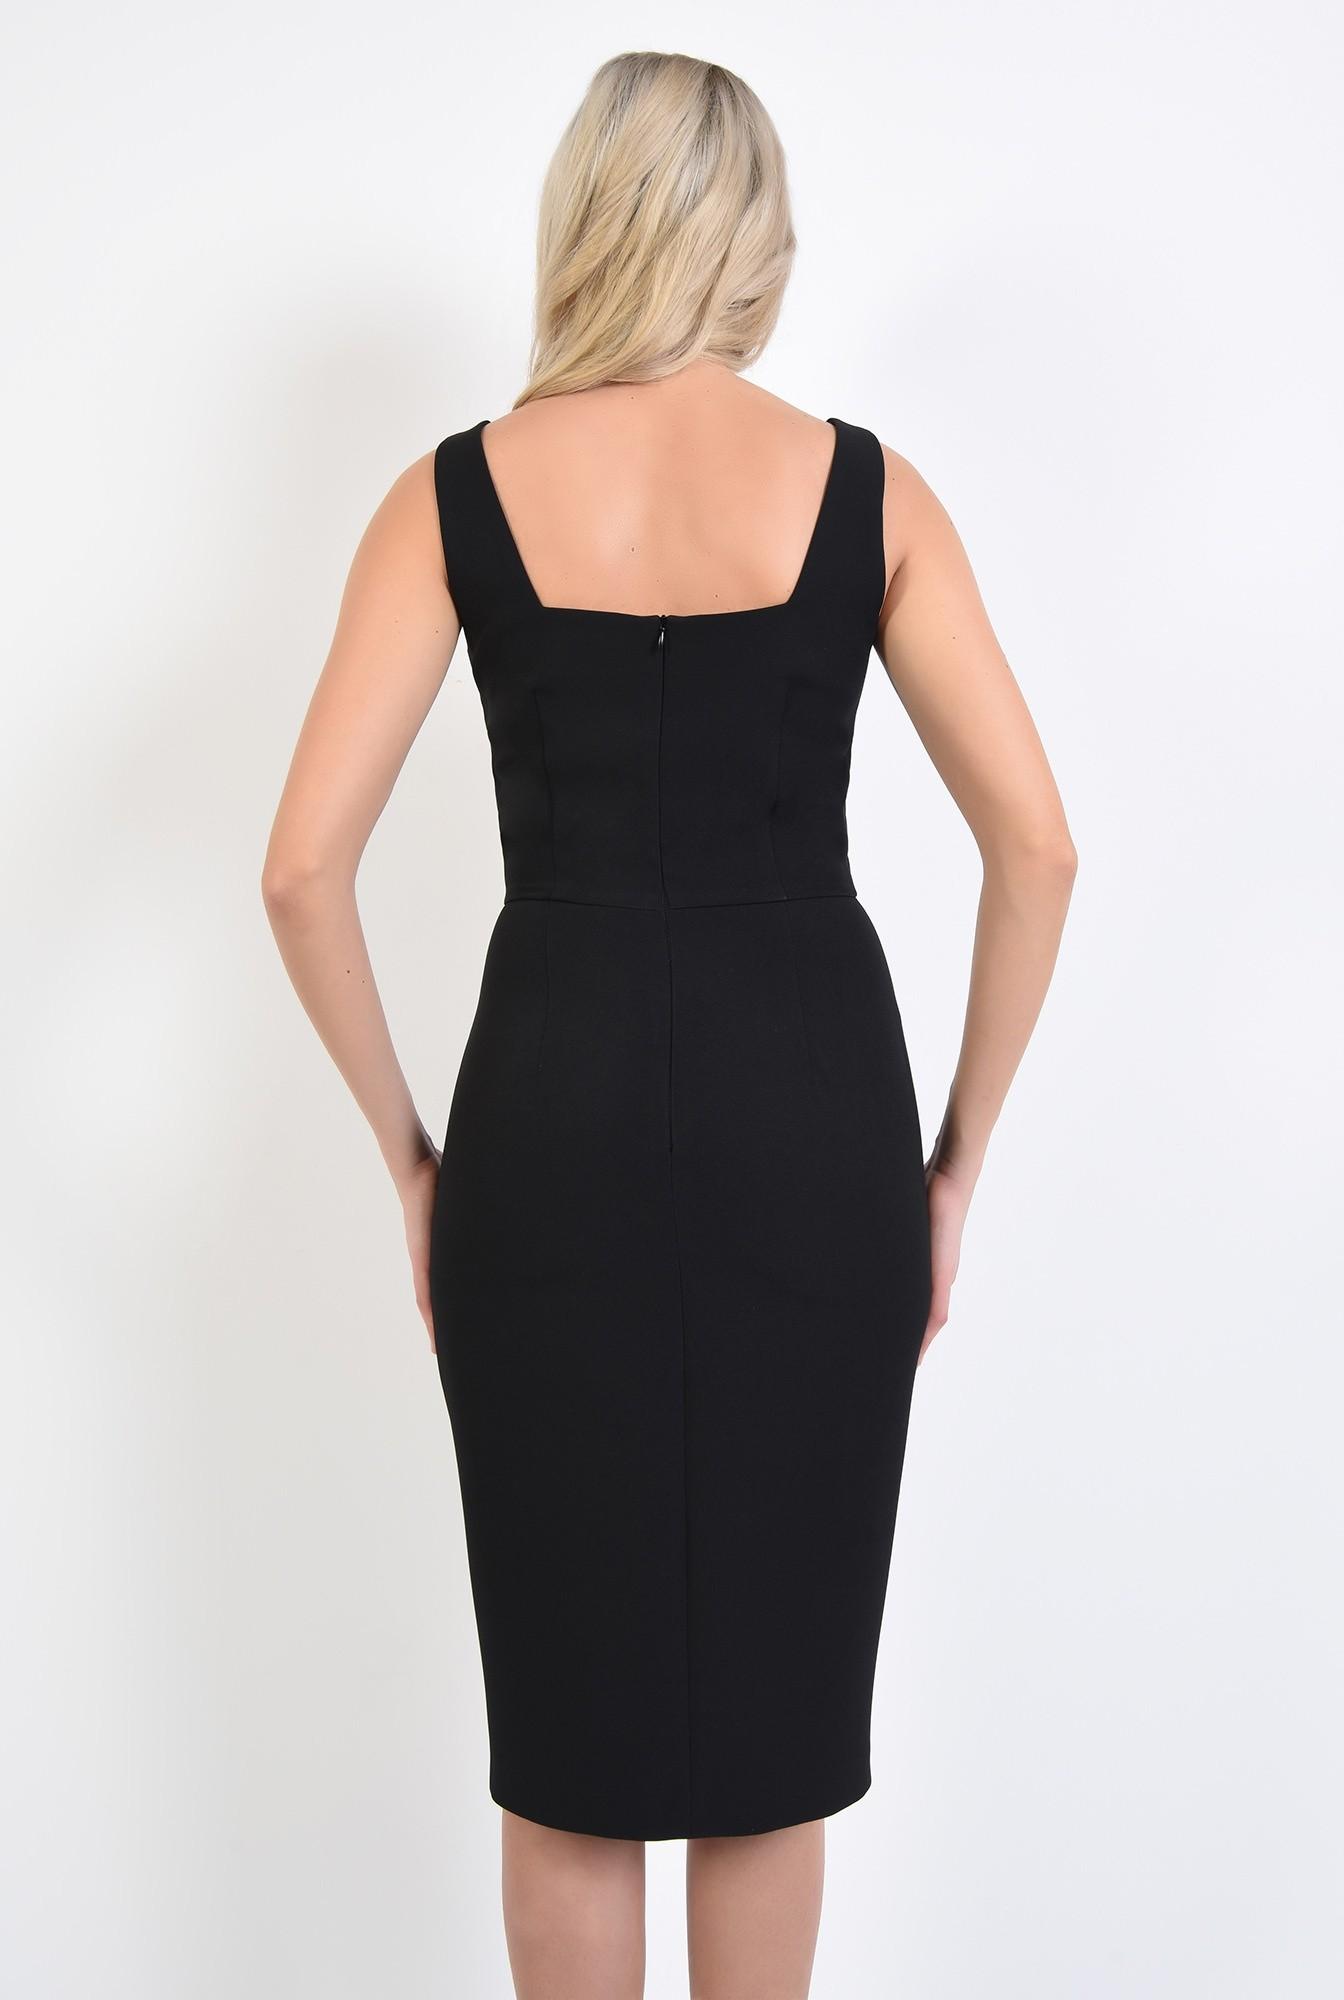 1 - 360 - rochie neagra, de seara, cu crapeu, cusatura in talie